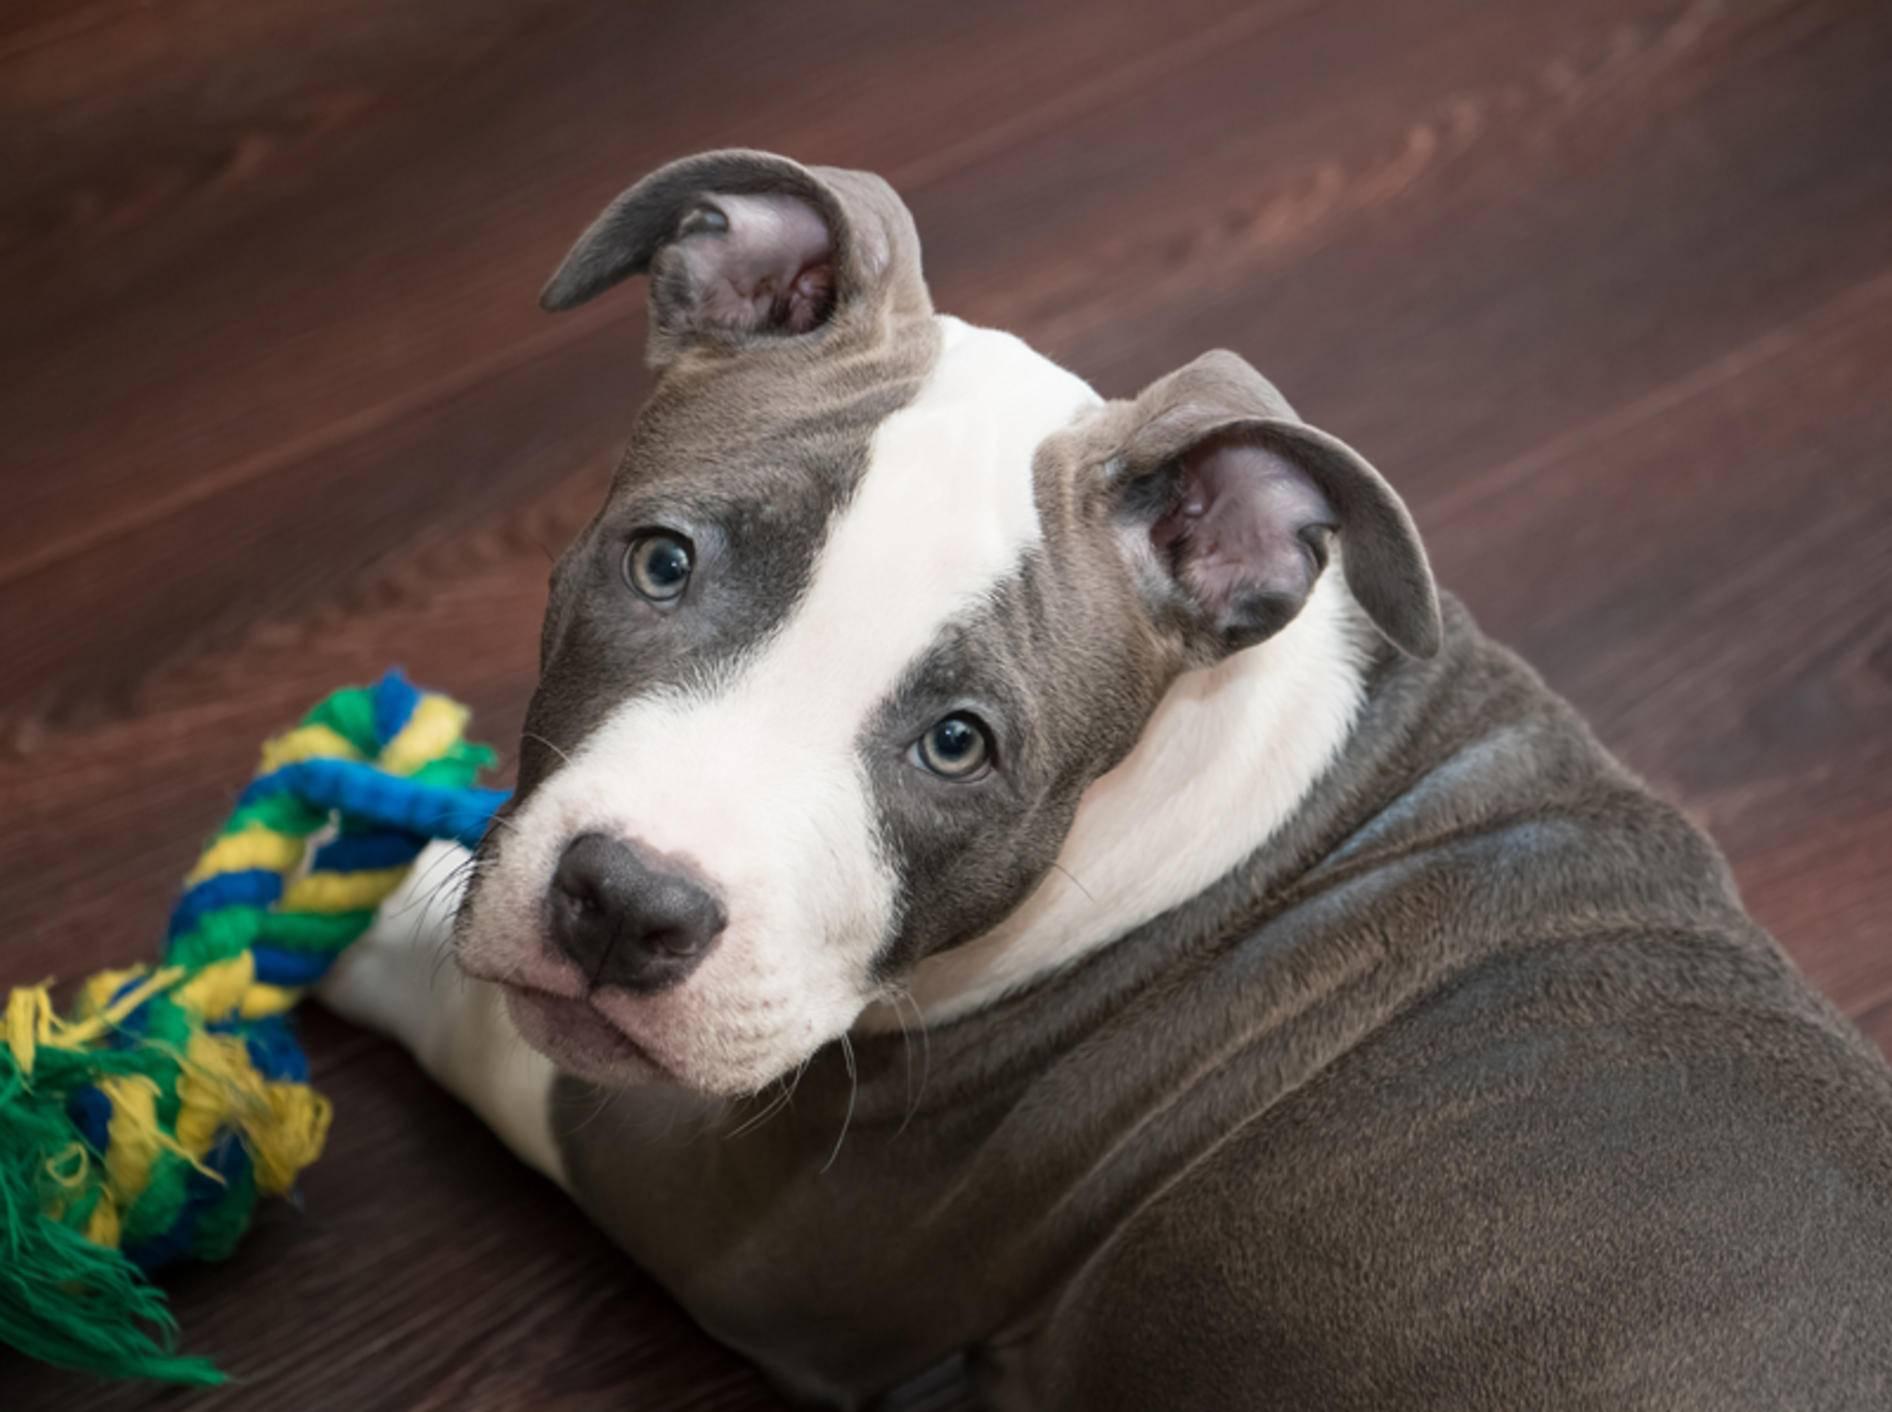 Süßer Pitbull: Der will nur spielen! – Shutterstock / Yurlick